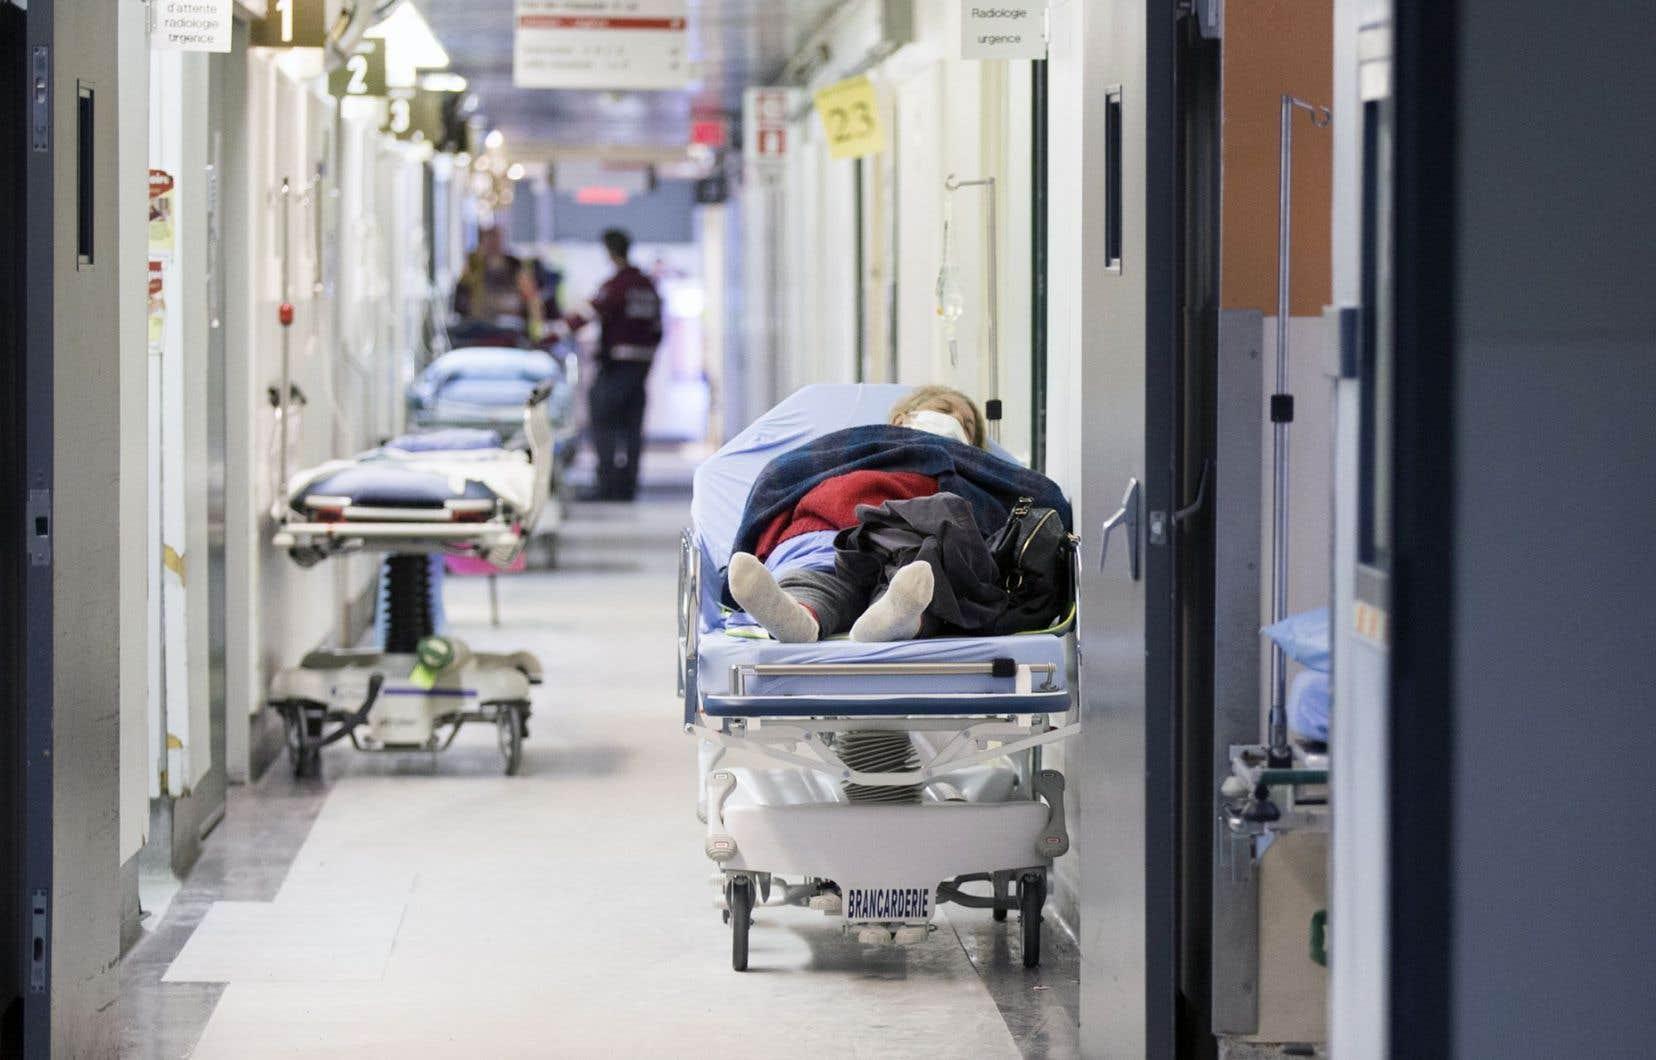 Me Ménard prédit que les médecins suivront moins de patients vulnérables et complexes pour arriver à atteindre leurs cibles, réduisant du même coup l'accès pour les vrais malades.